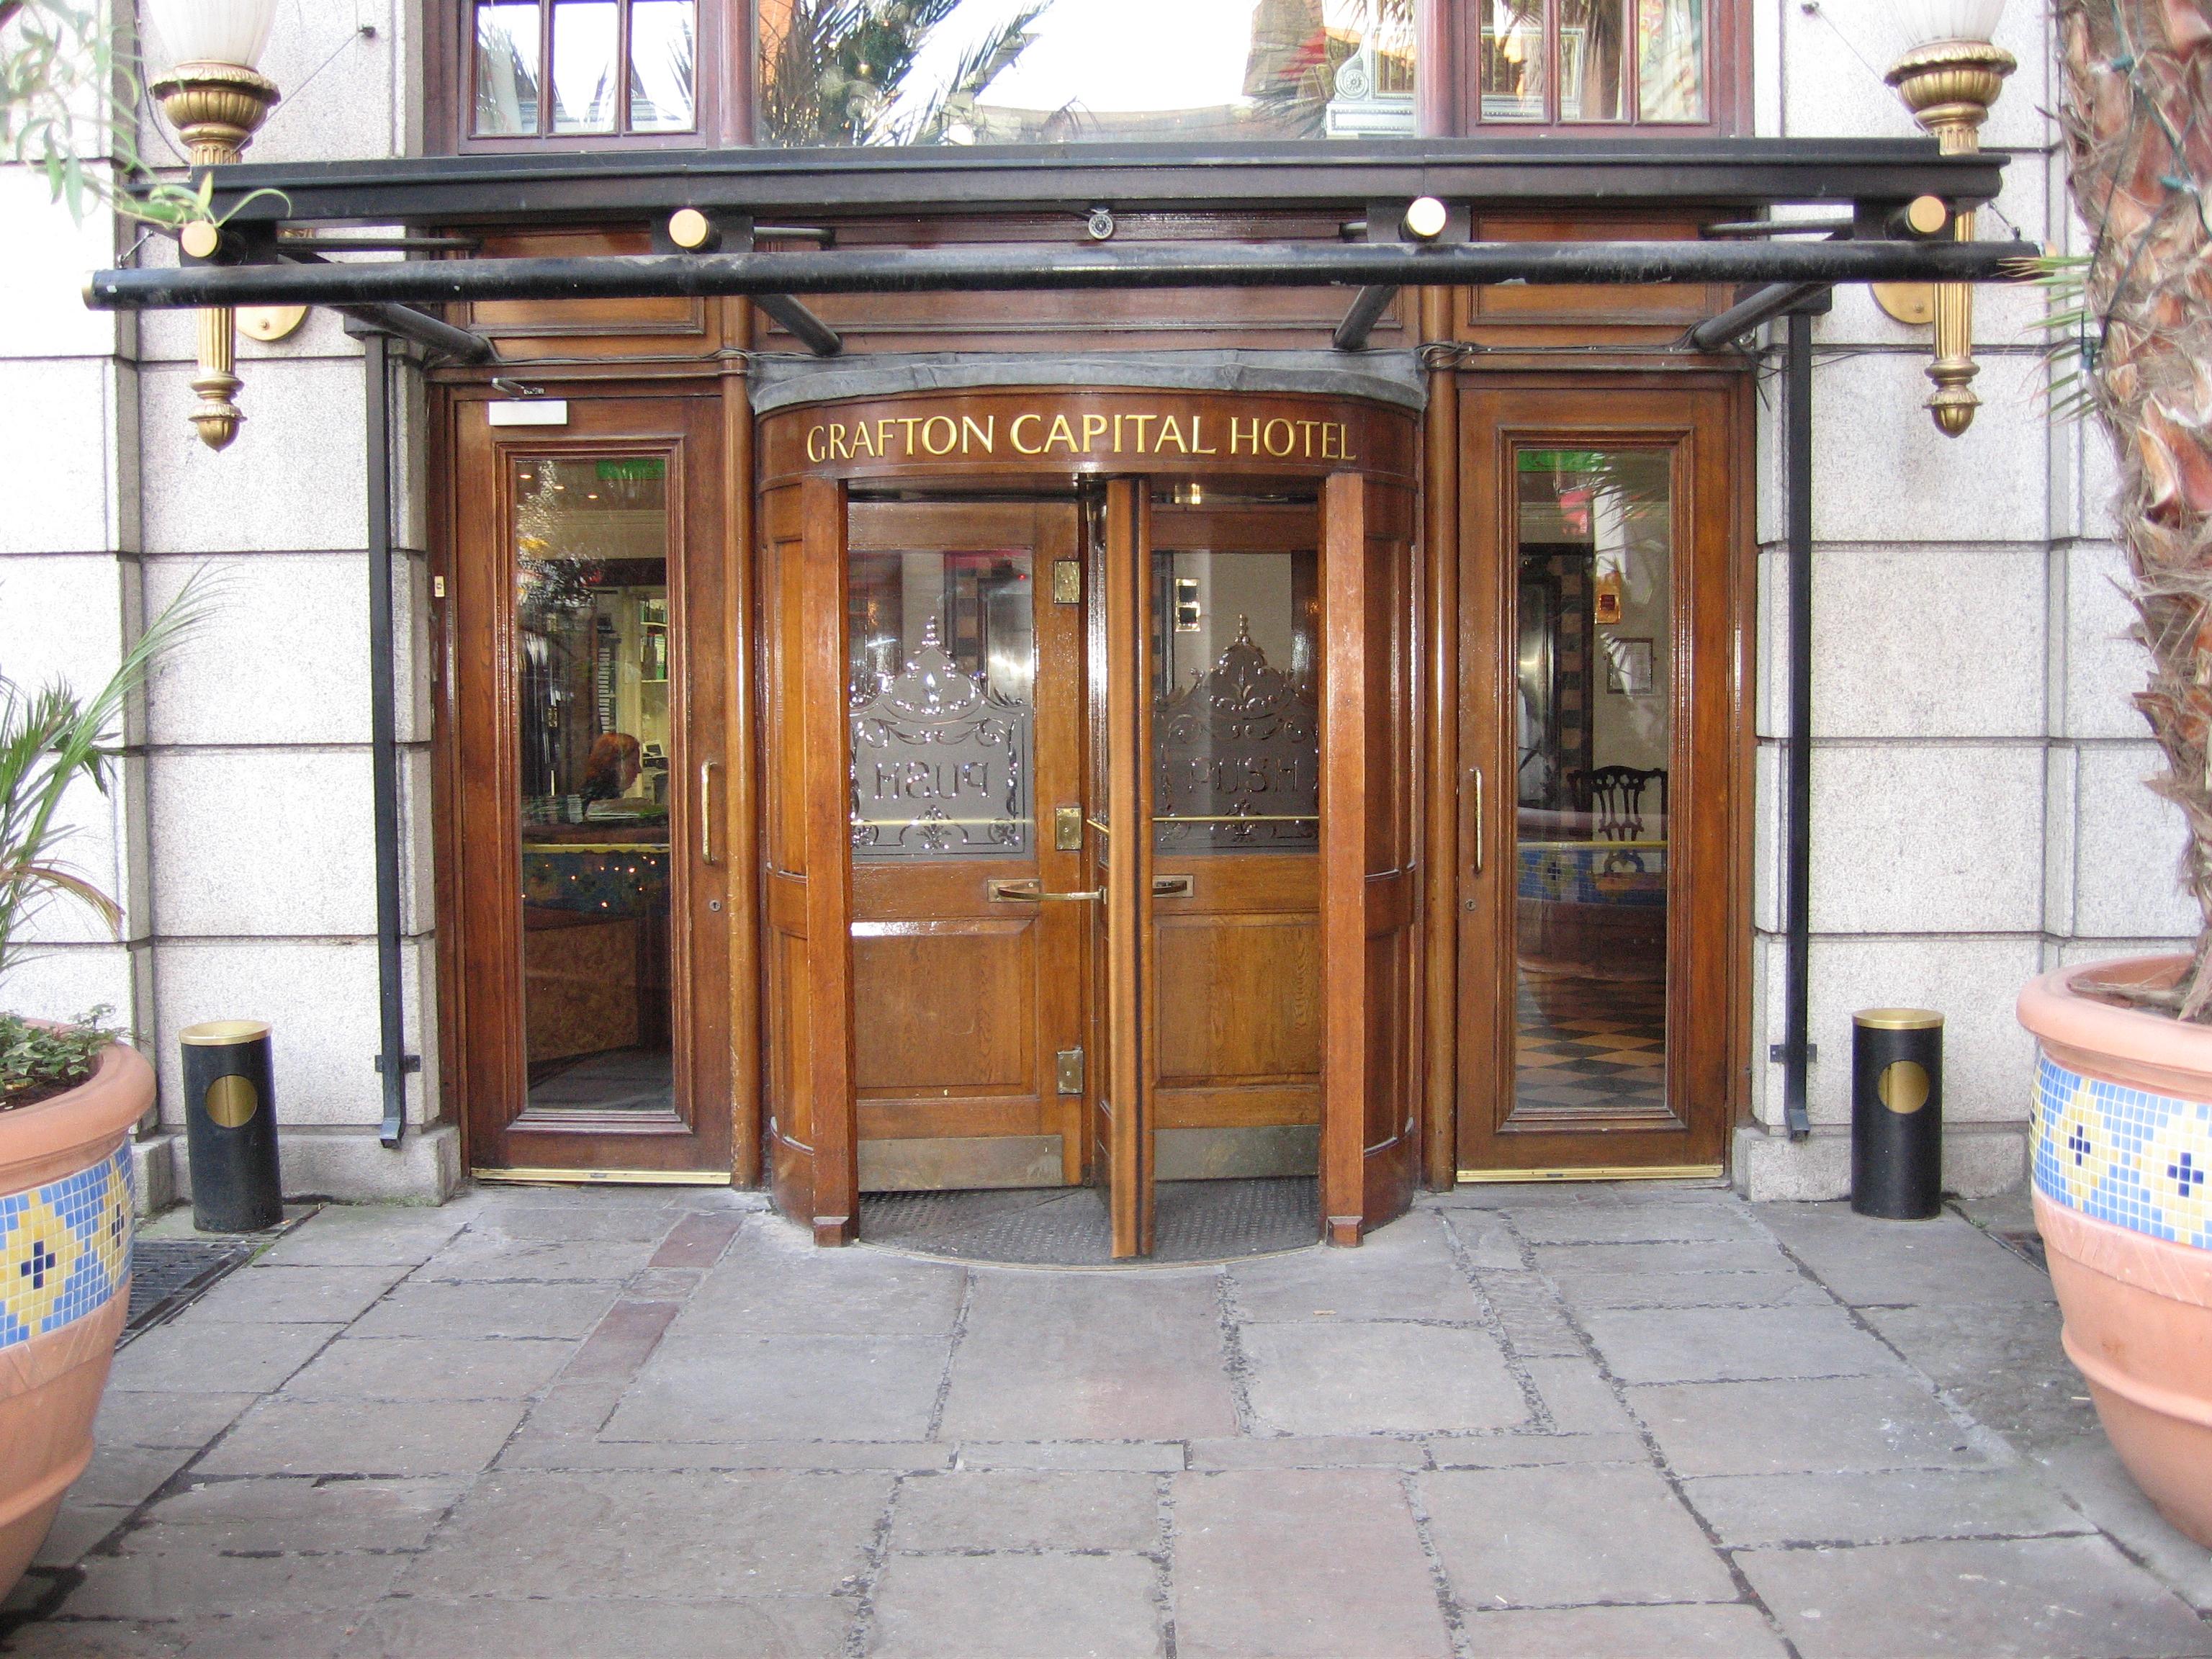 Grafton Capital Hotel Closed